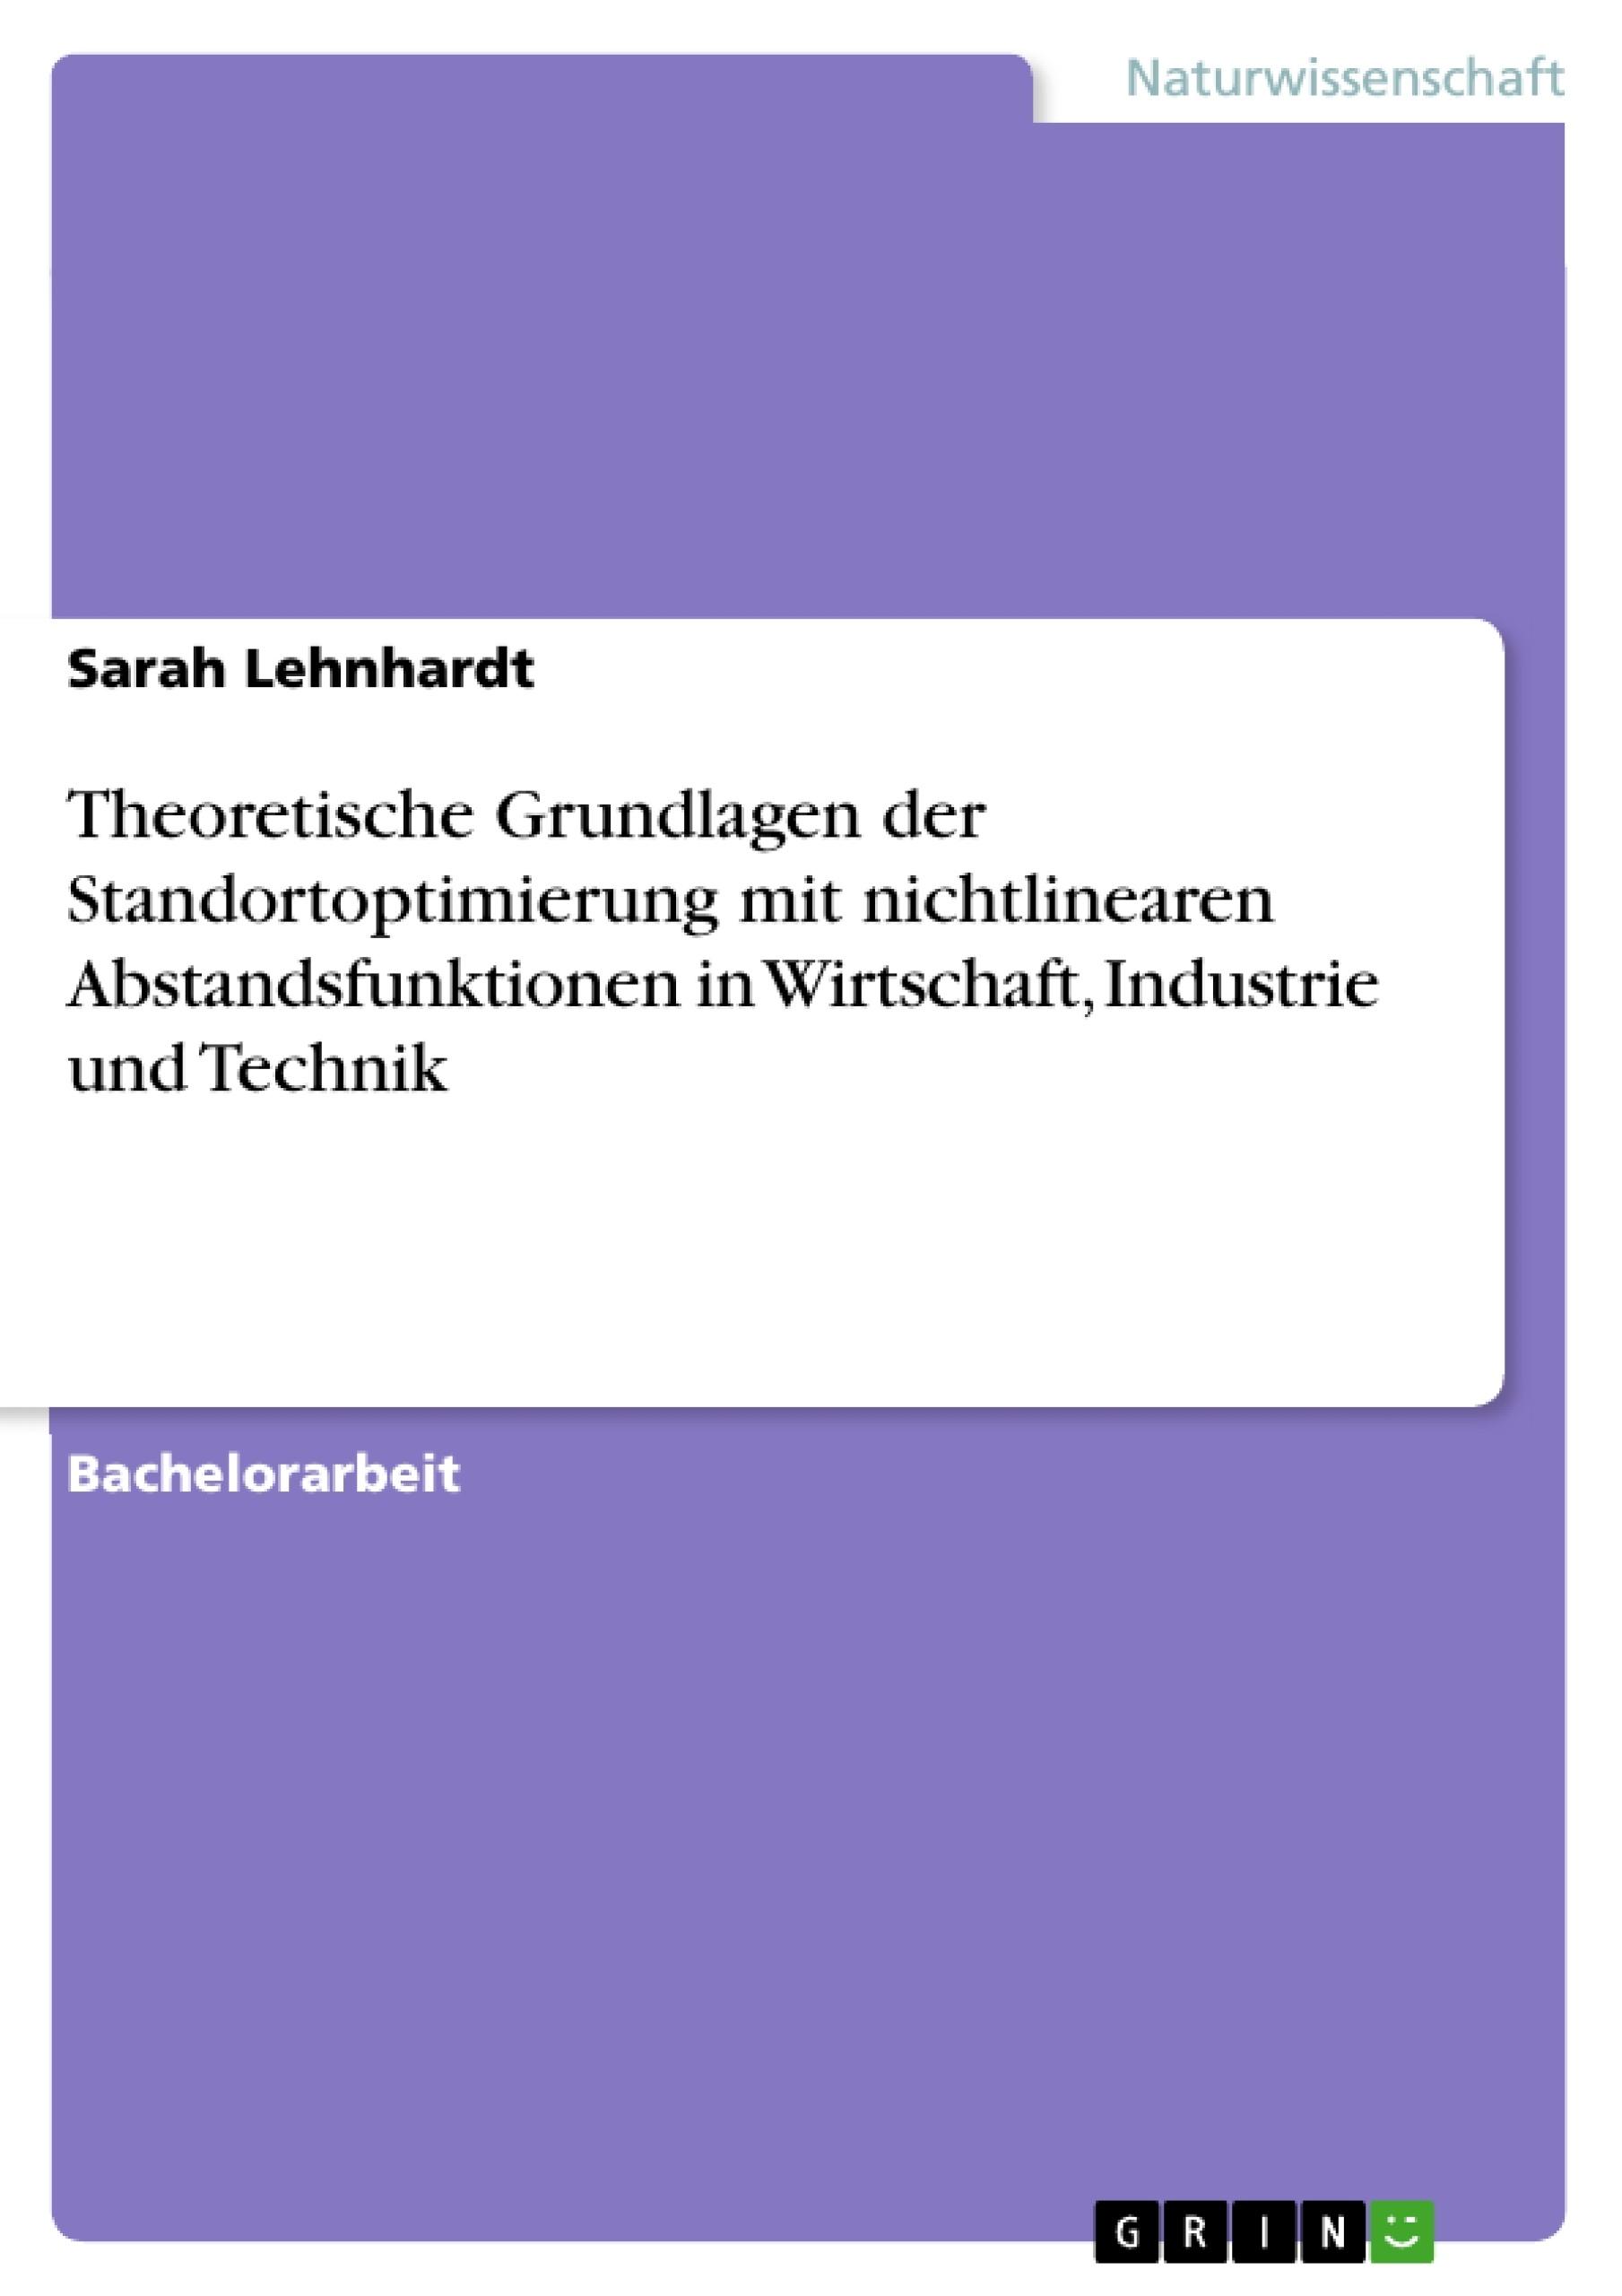 Titel: Theoretische Grundlagen der Standortoptimierung mit nichtlinearen Abstandsfunktionen in Wirtschaft, Industrie und Technik